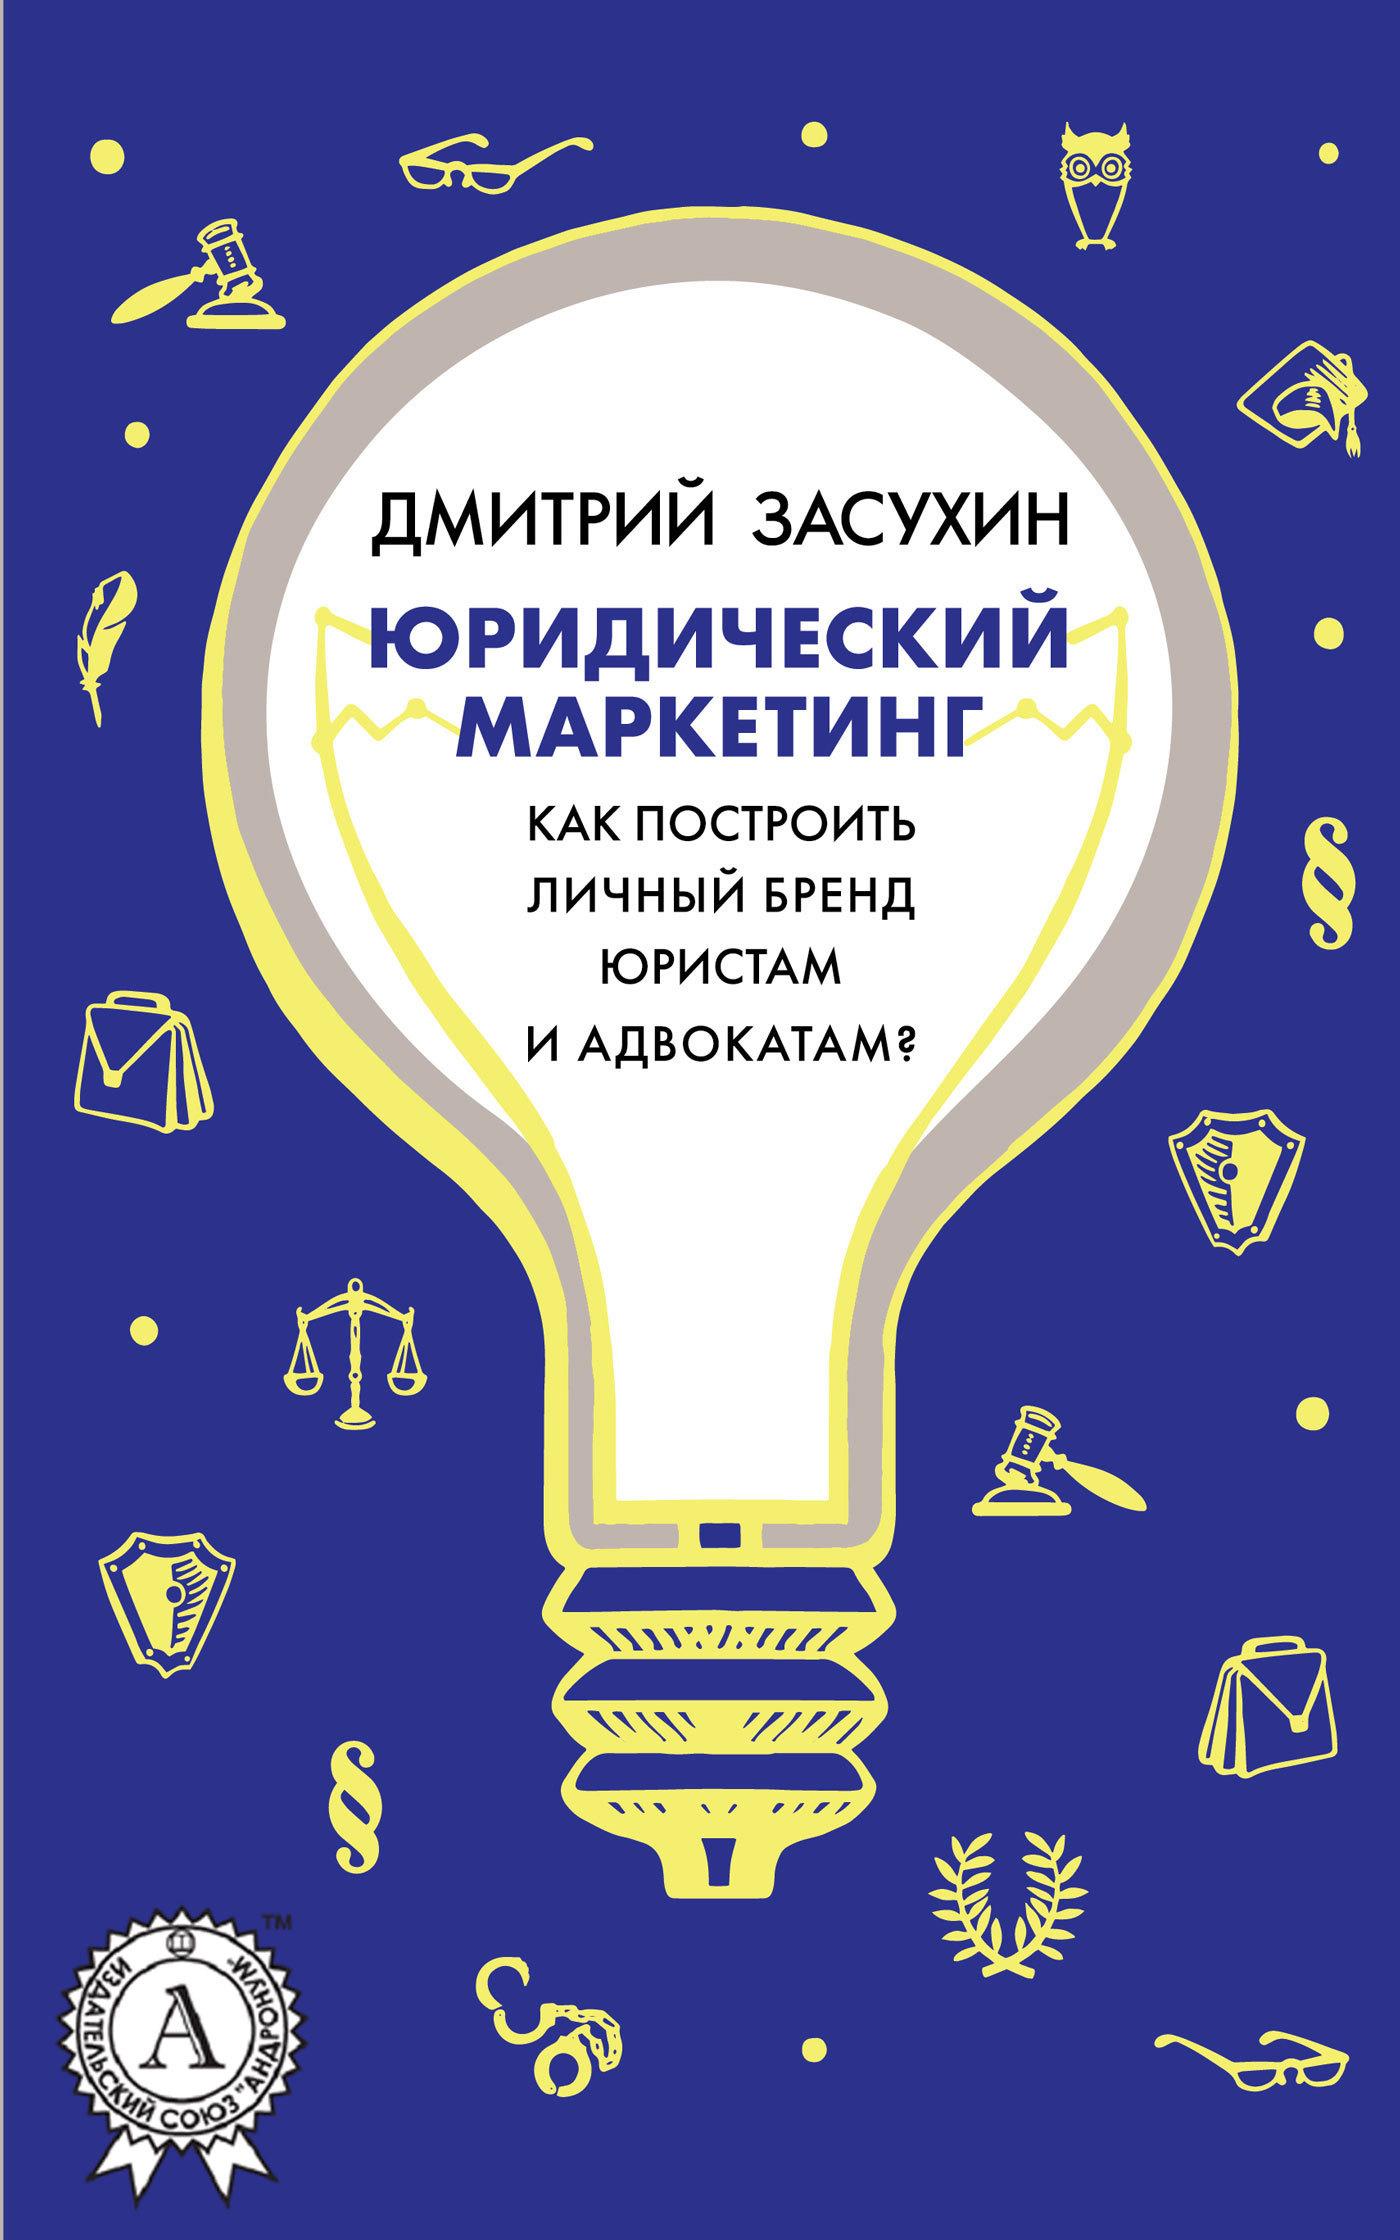 Дмитрий Засухин Юридический маркетинг. Как построить личный бренд юристам и адвокатам? дмитрий засухин как сделать юридический сайт продающим